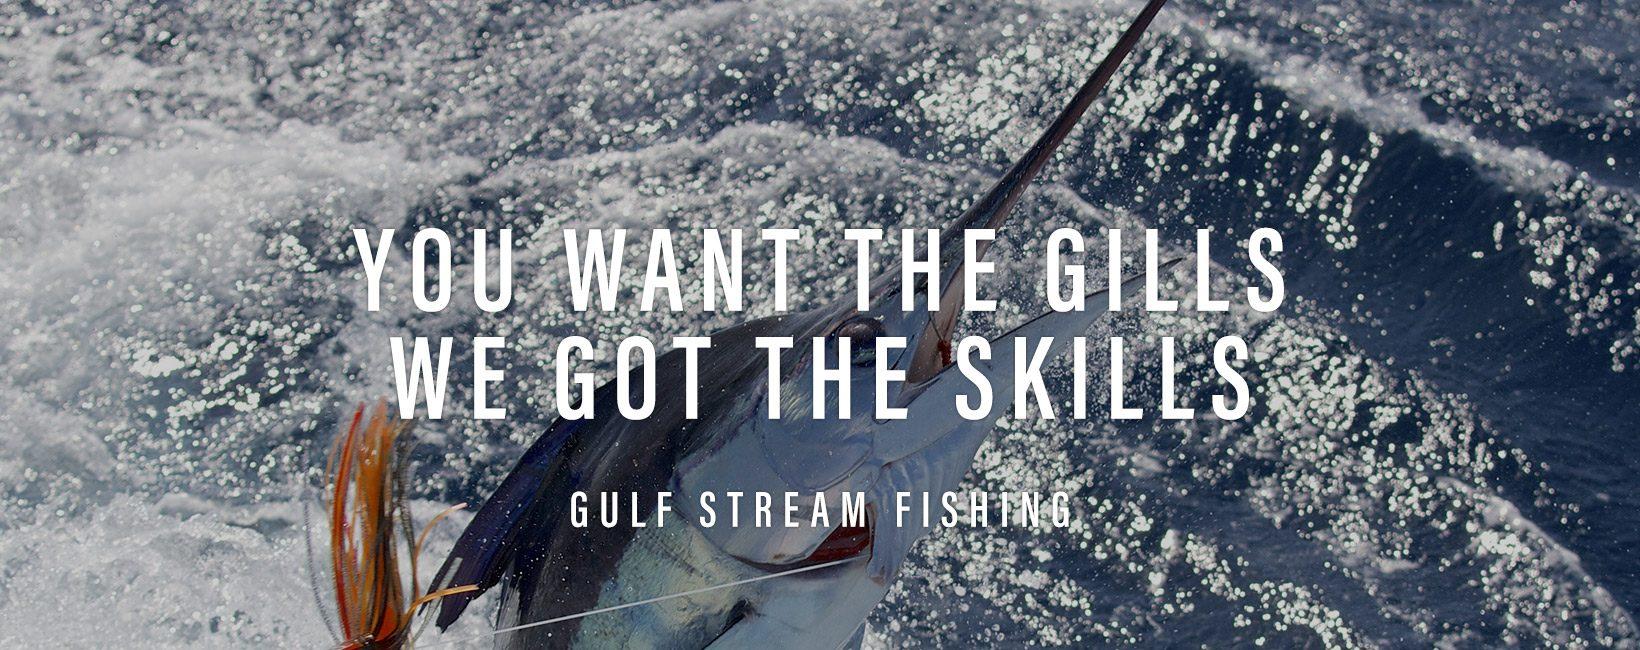 Gulf-Stream-Fishing